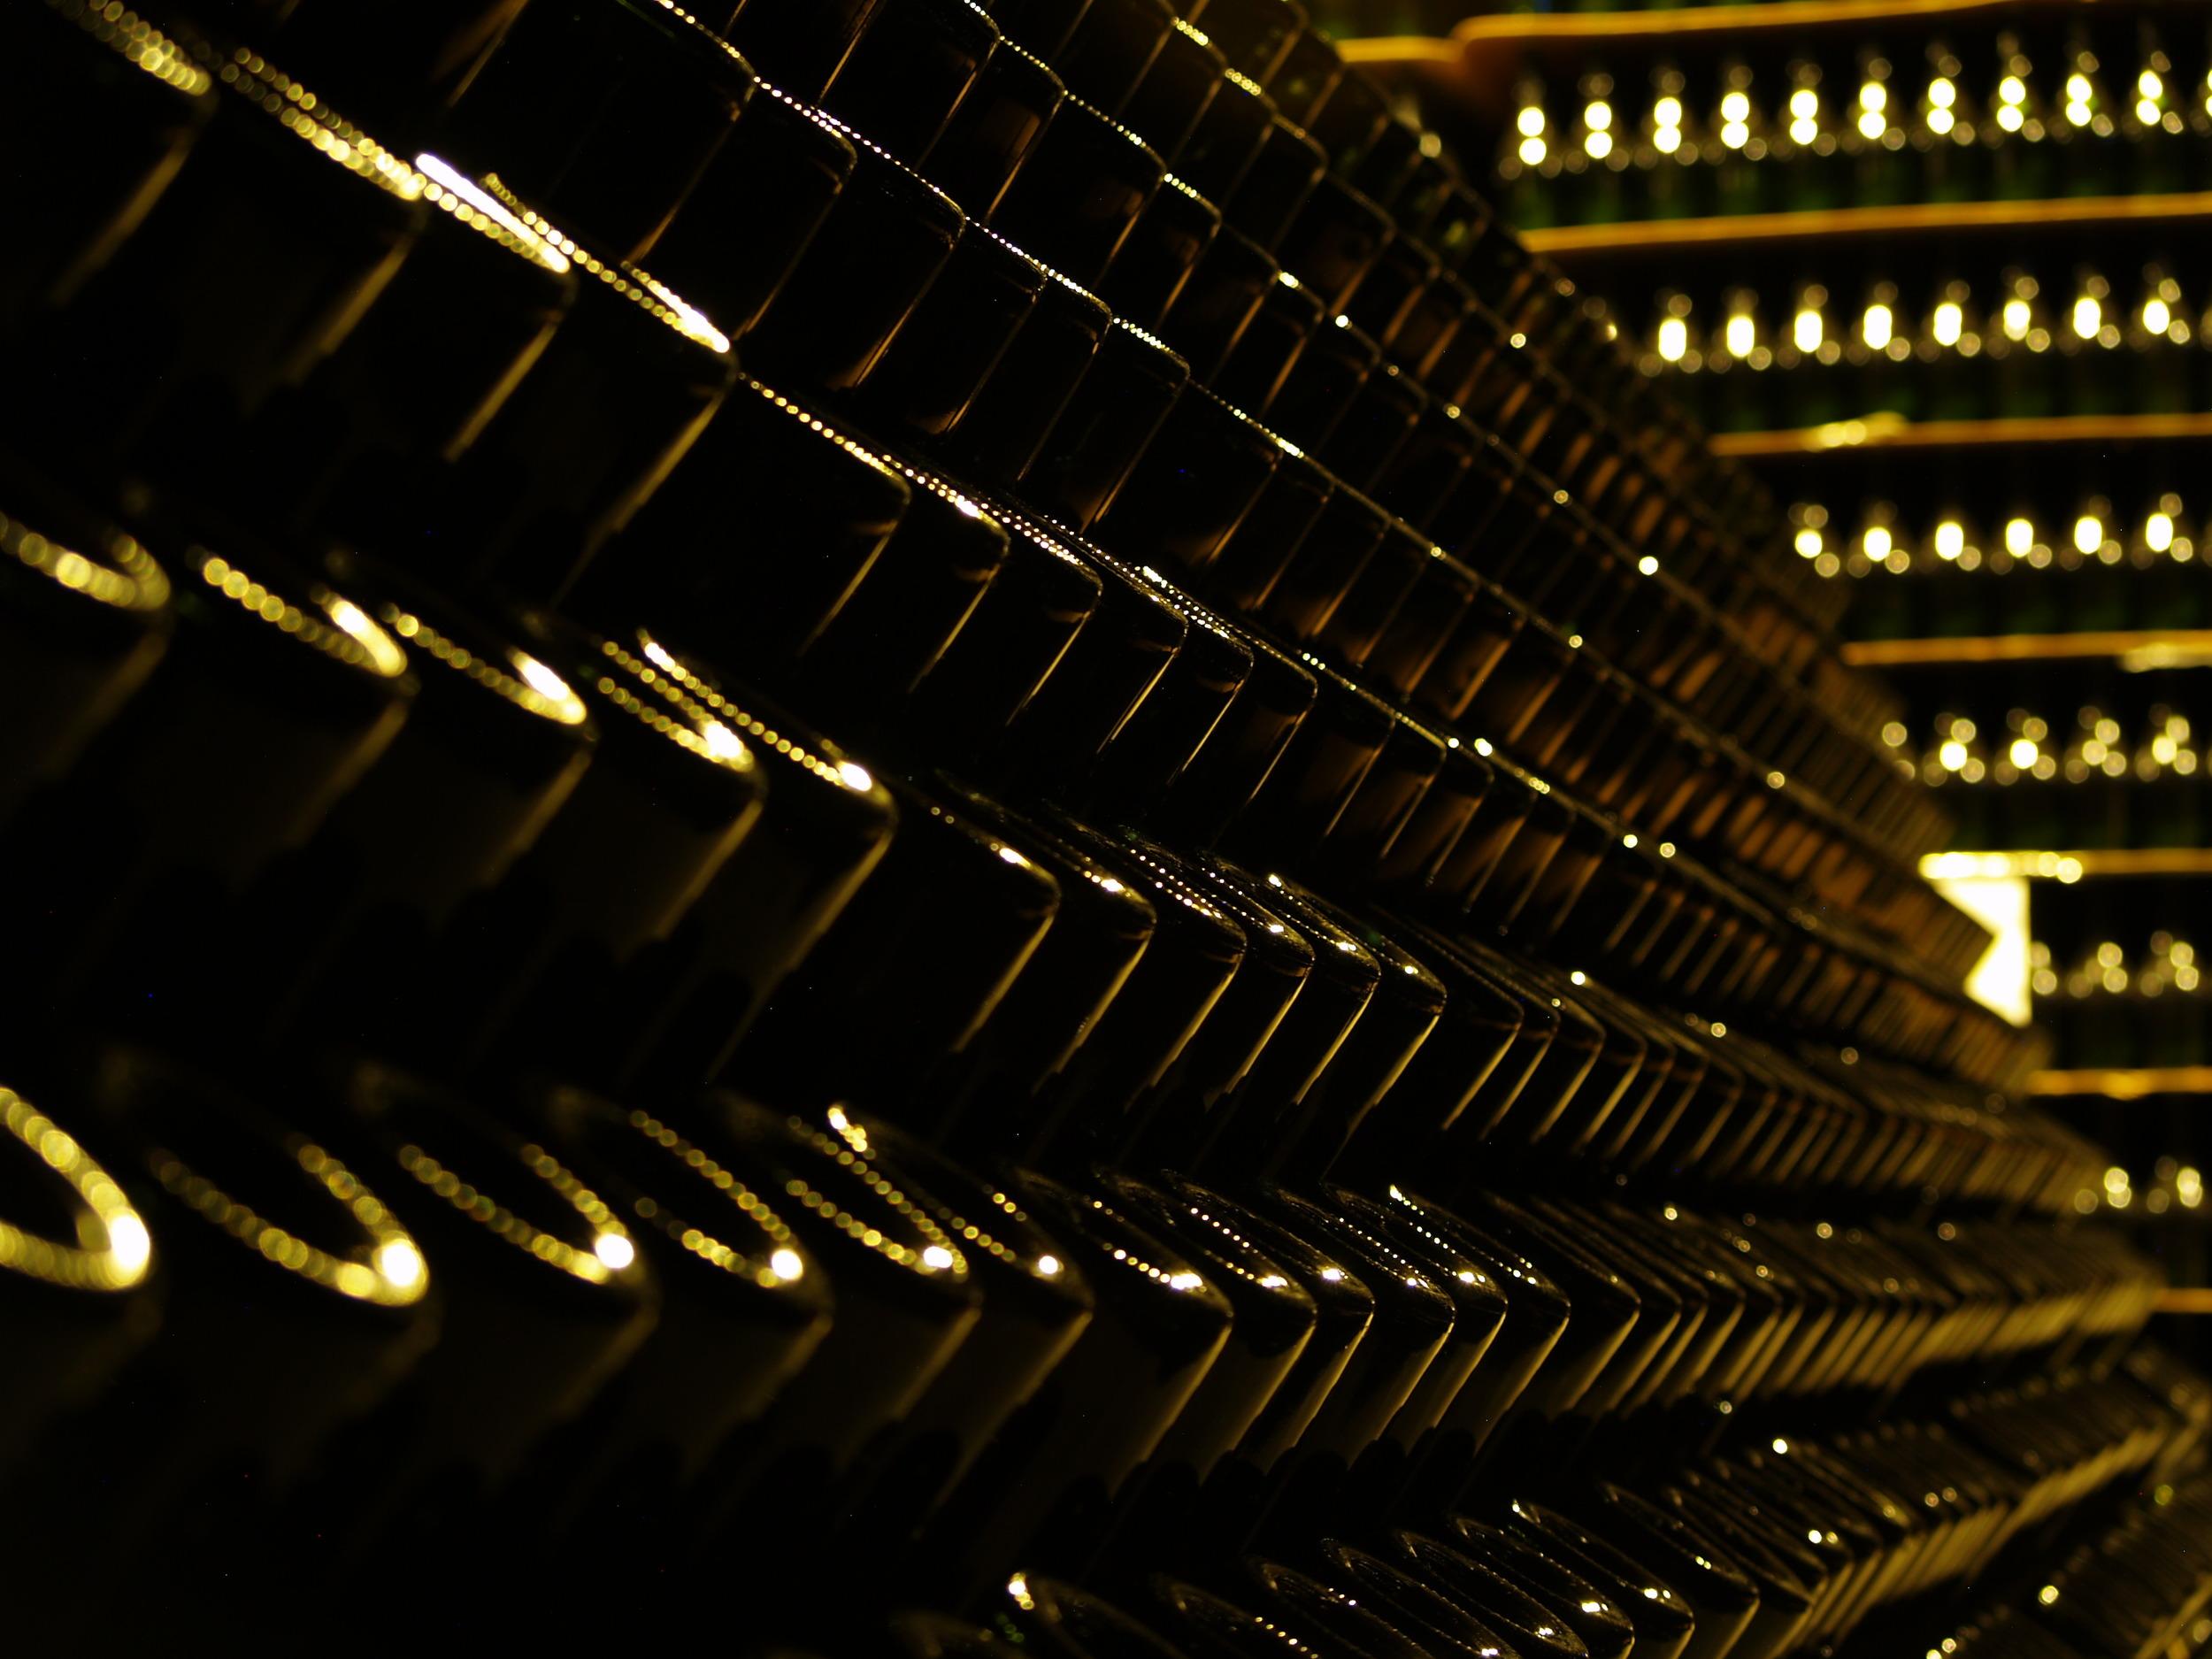 Los espumantes en su segunda fermentación en botella, según el método tradicional de elaboración de estos vinos.